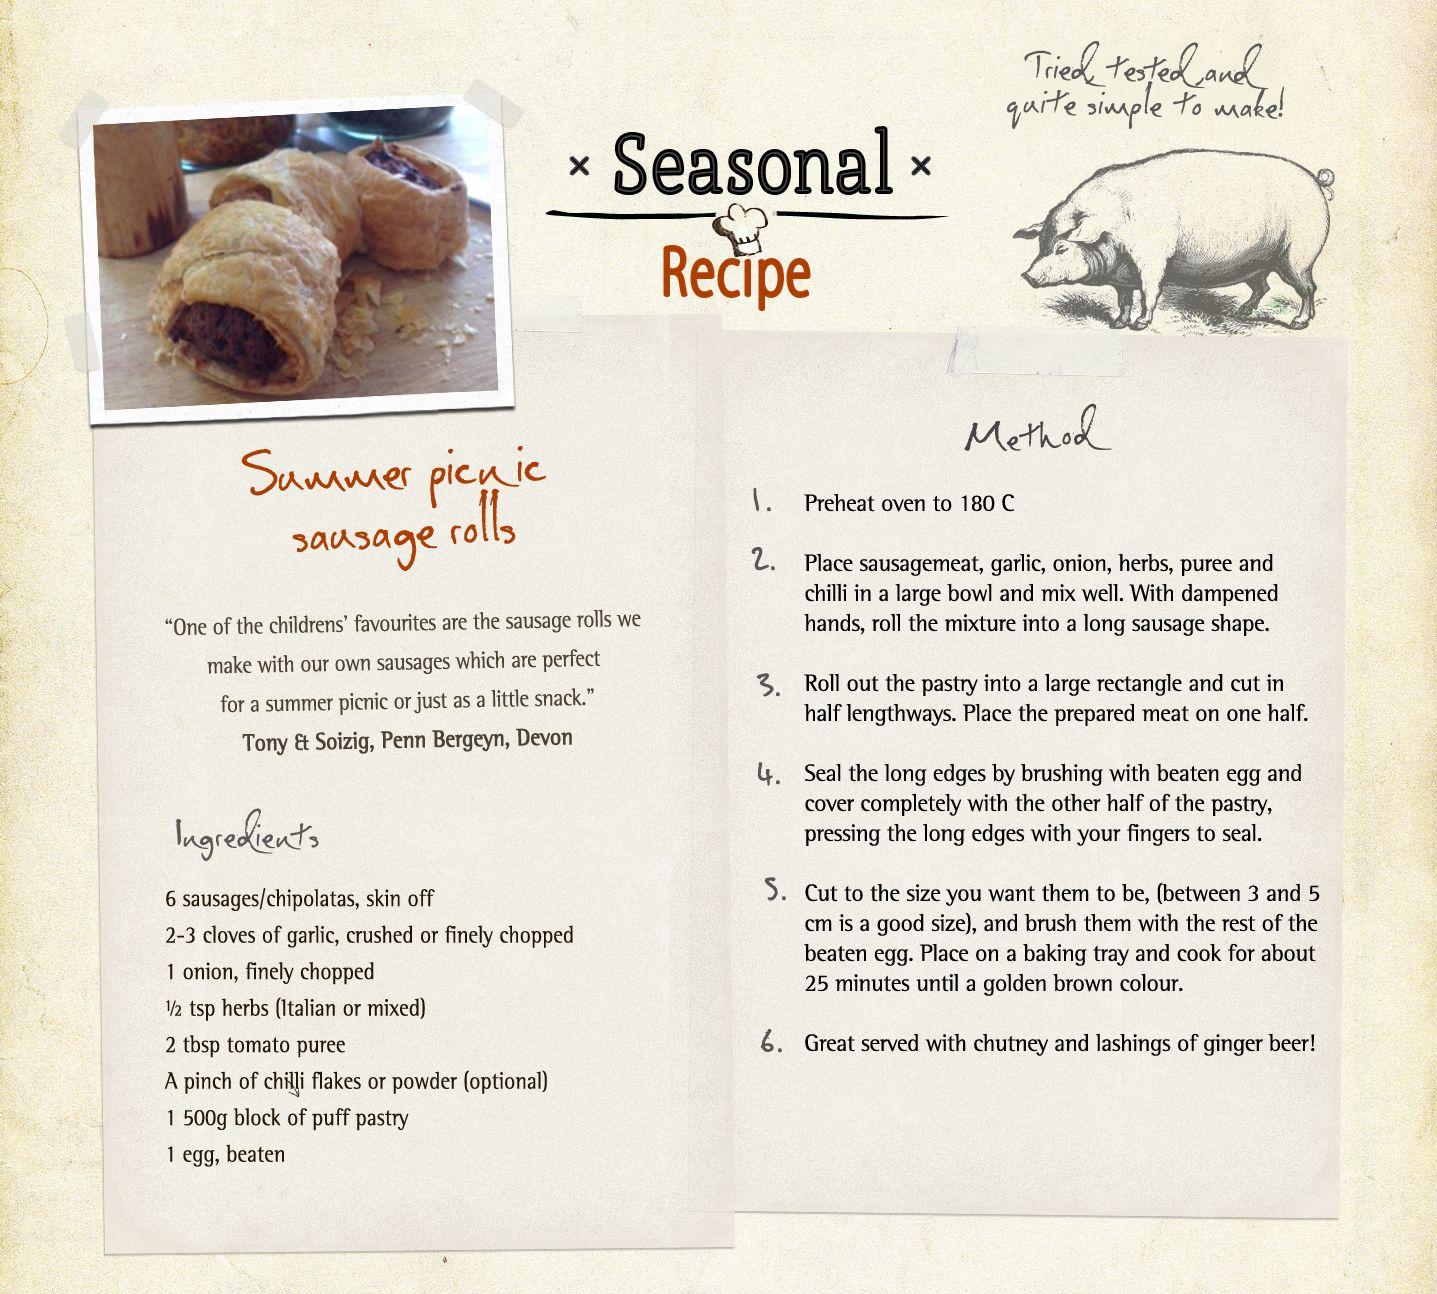 Summer Picnic Sausage Rolls recipe - courtesy of Tony & Soizig ...